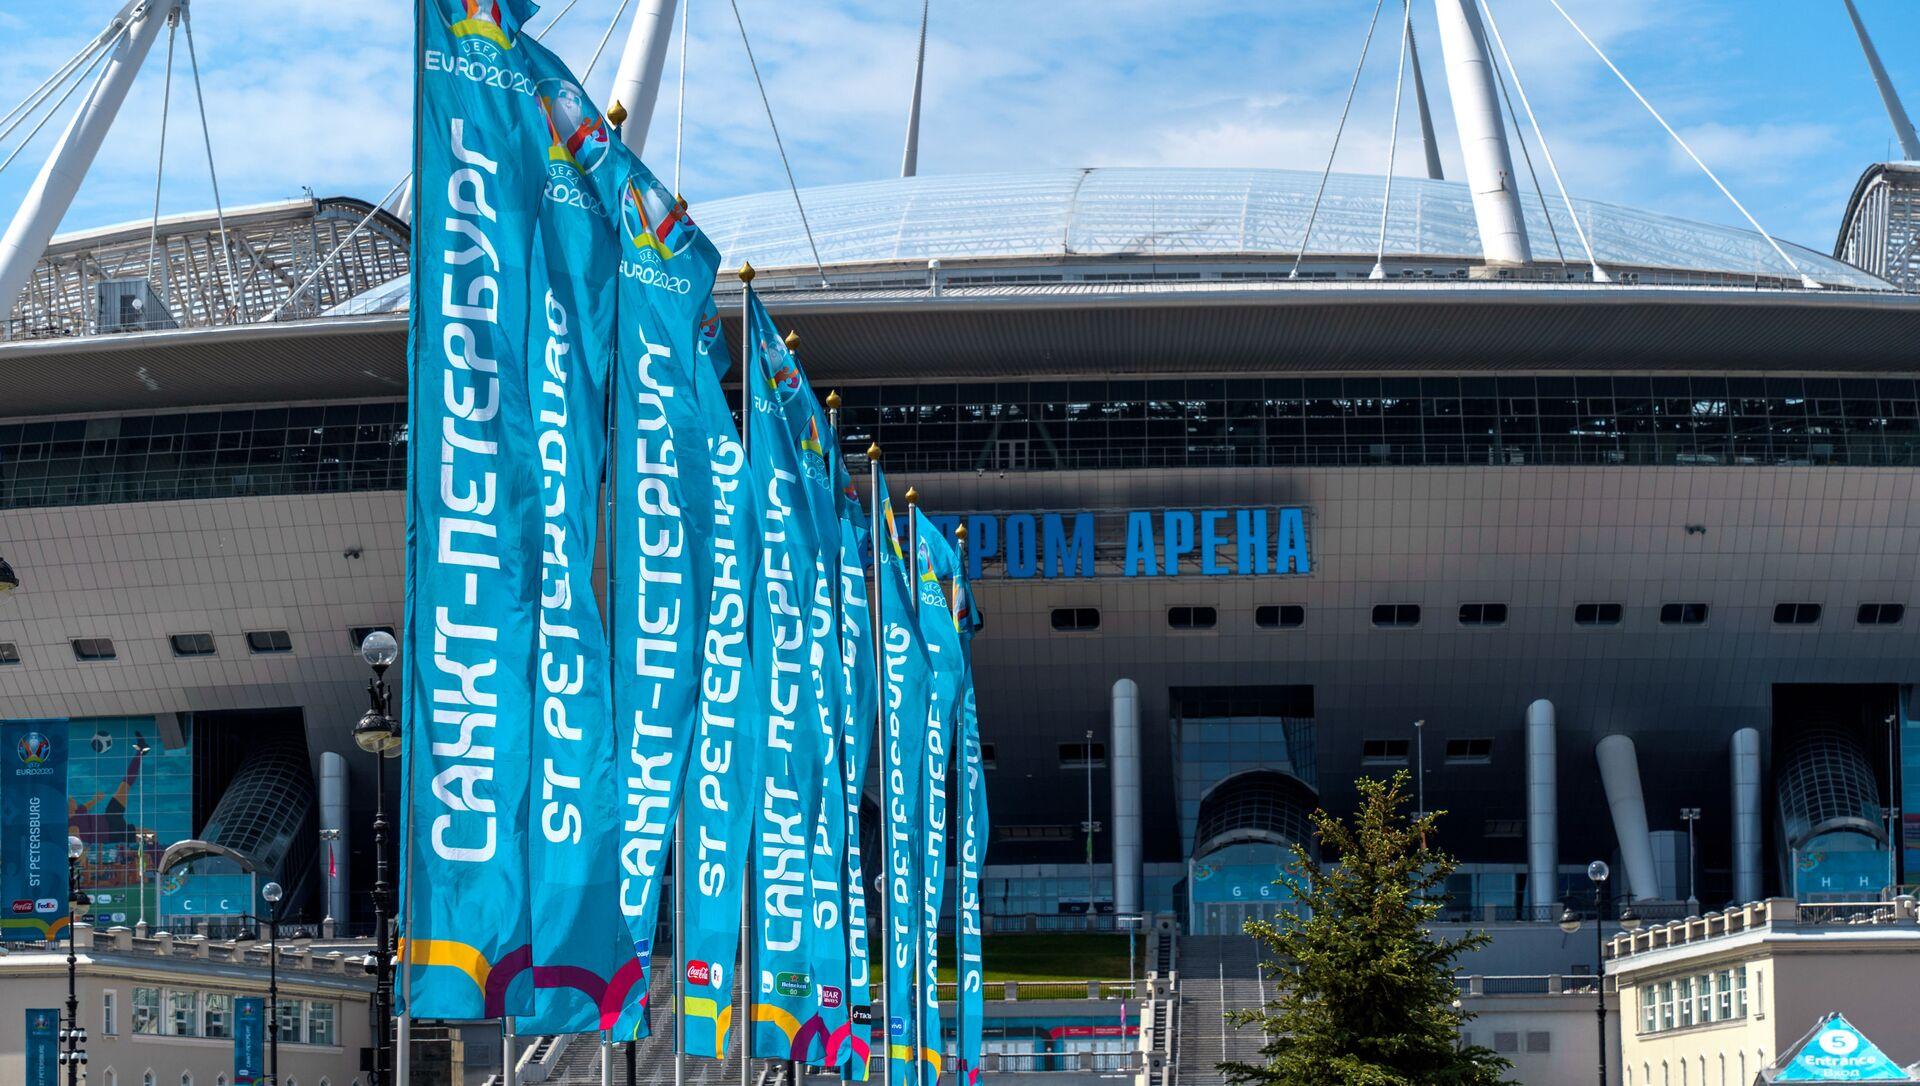 Biểu ngữ và cờ trước giải vô địch UEFA EURO 2020 tại sân vận động Gazprom Arena ở St.Petersburg. - Sputnik Việt Nam, 1920, 14.06.2021